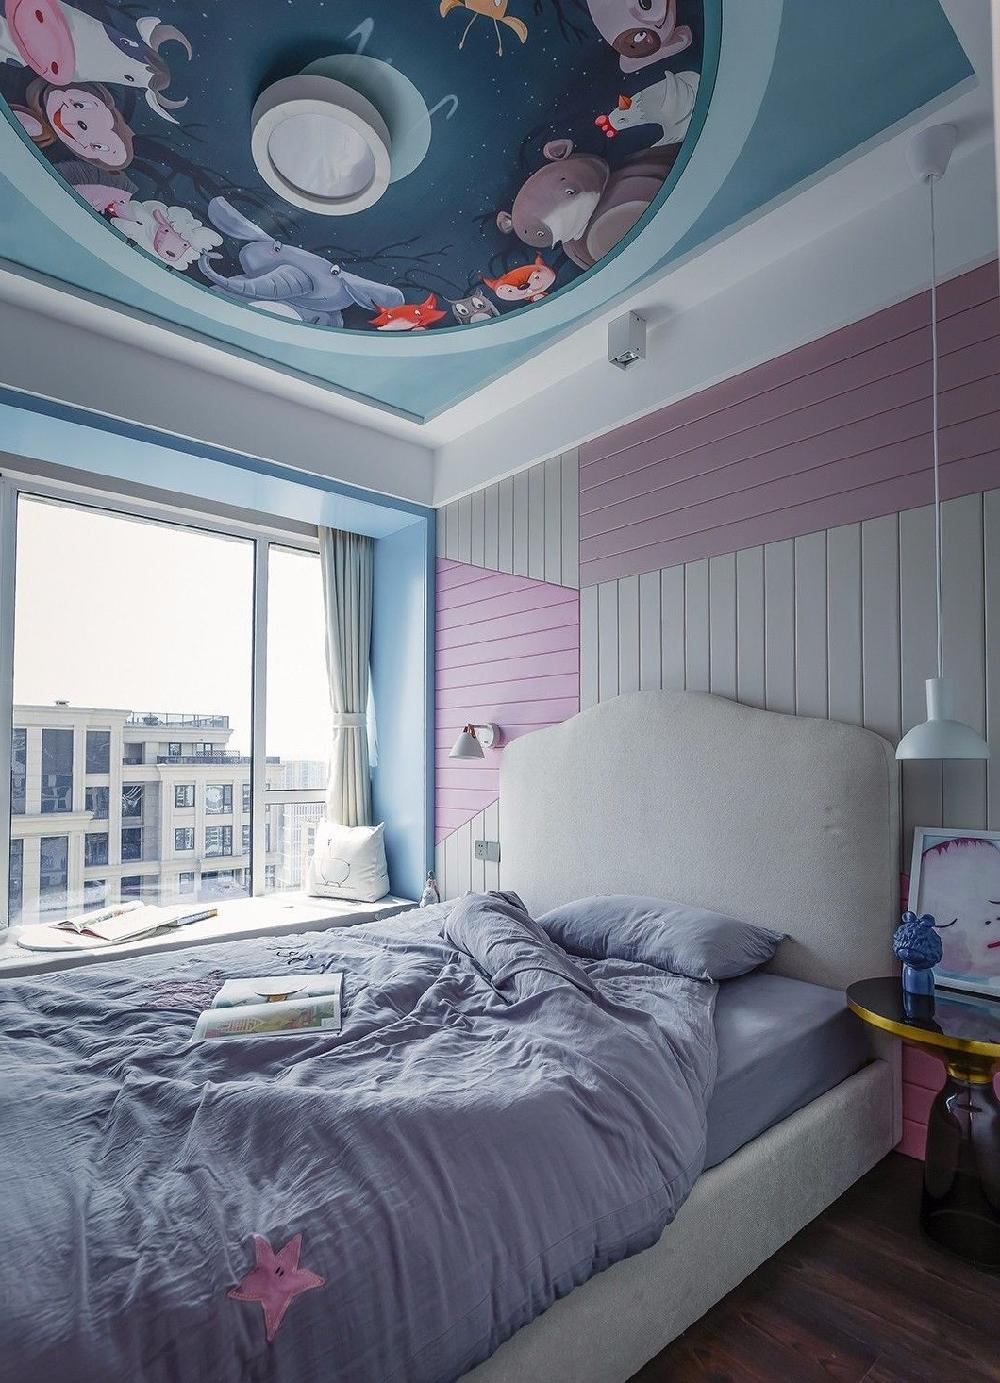 如果我家也有这样的天井书房,我才不出门15305899